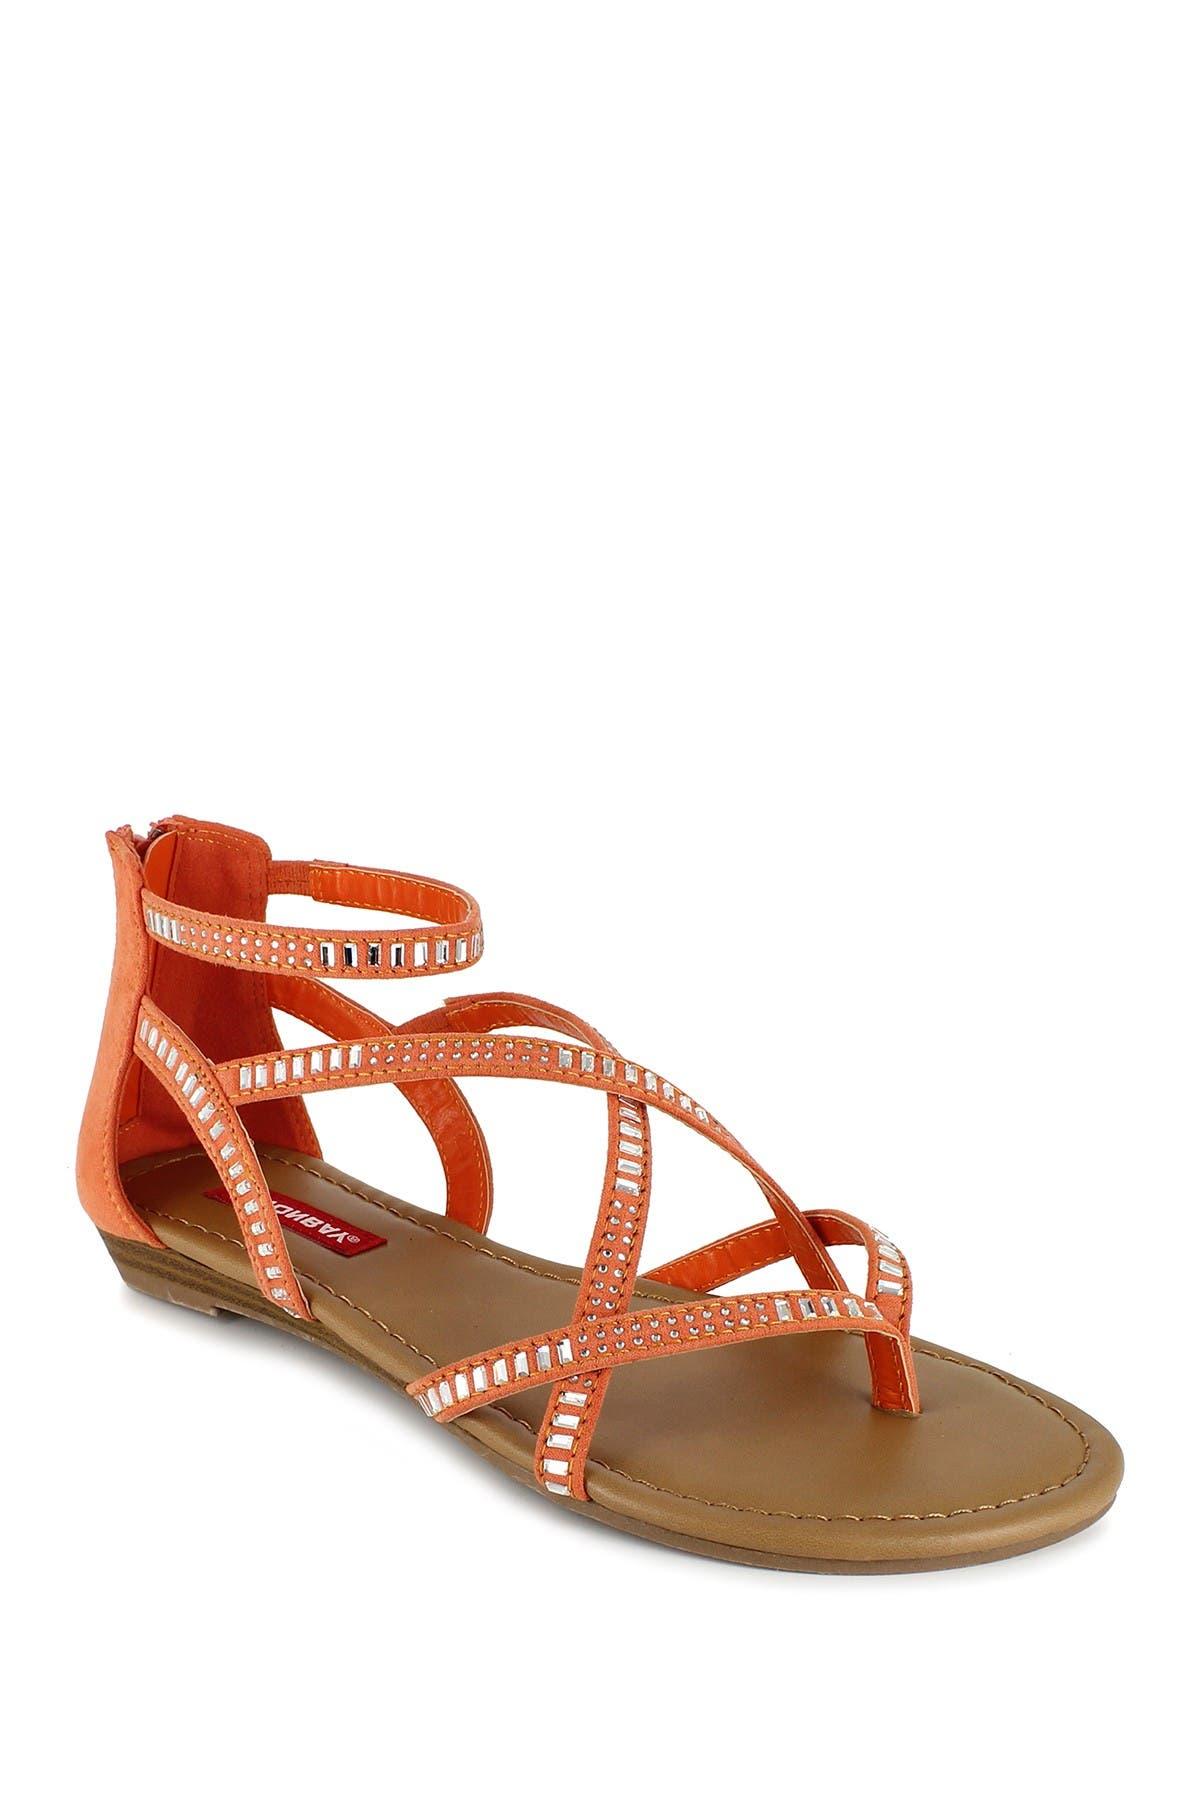 Image of Unionbay Ludlow Crystal Embellished Sandal